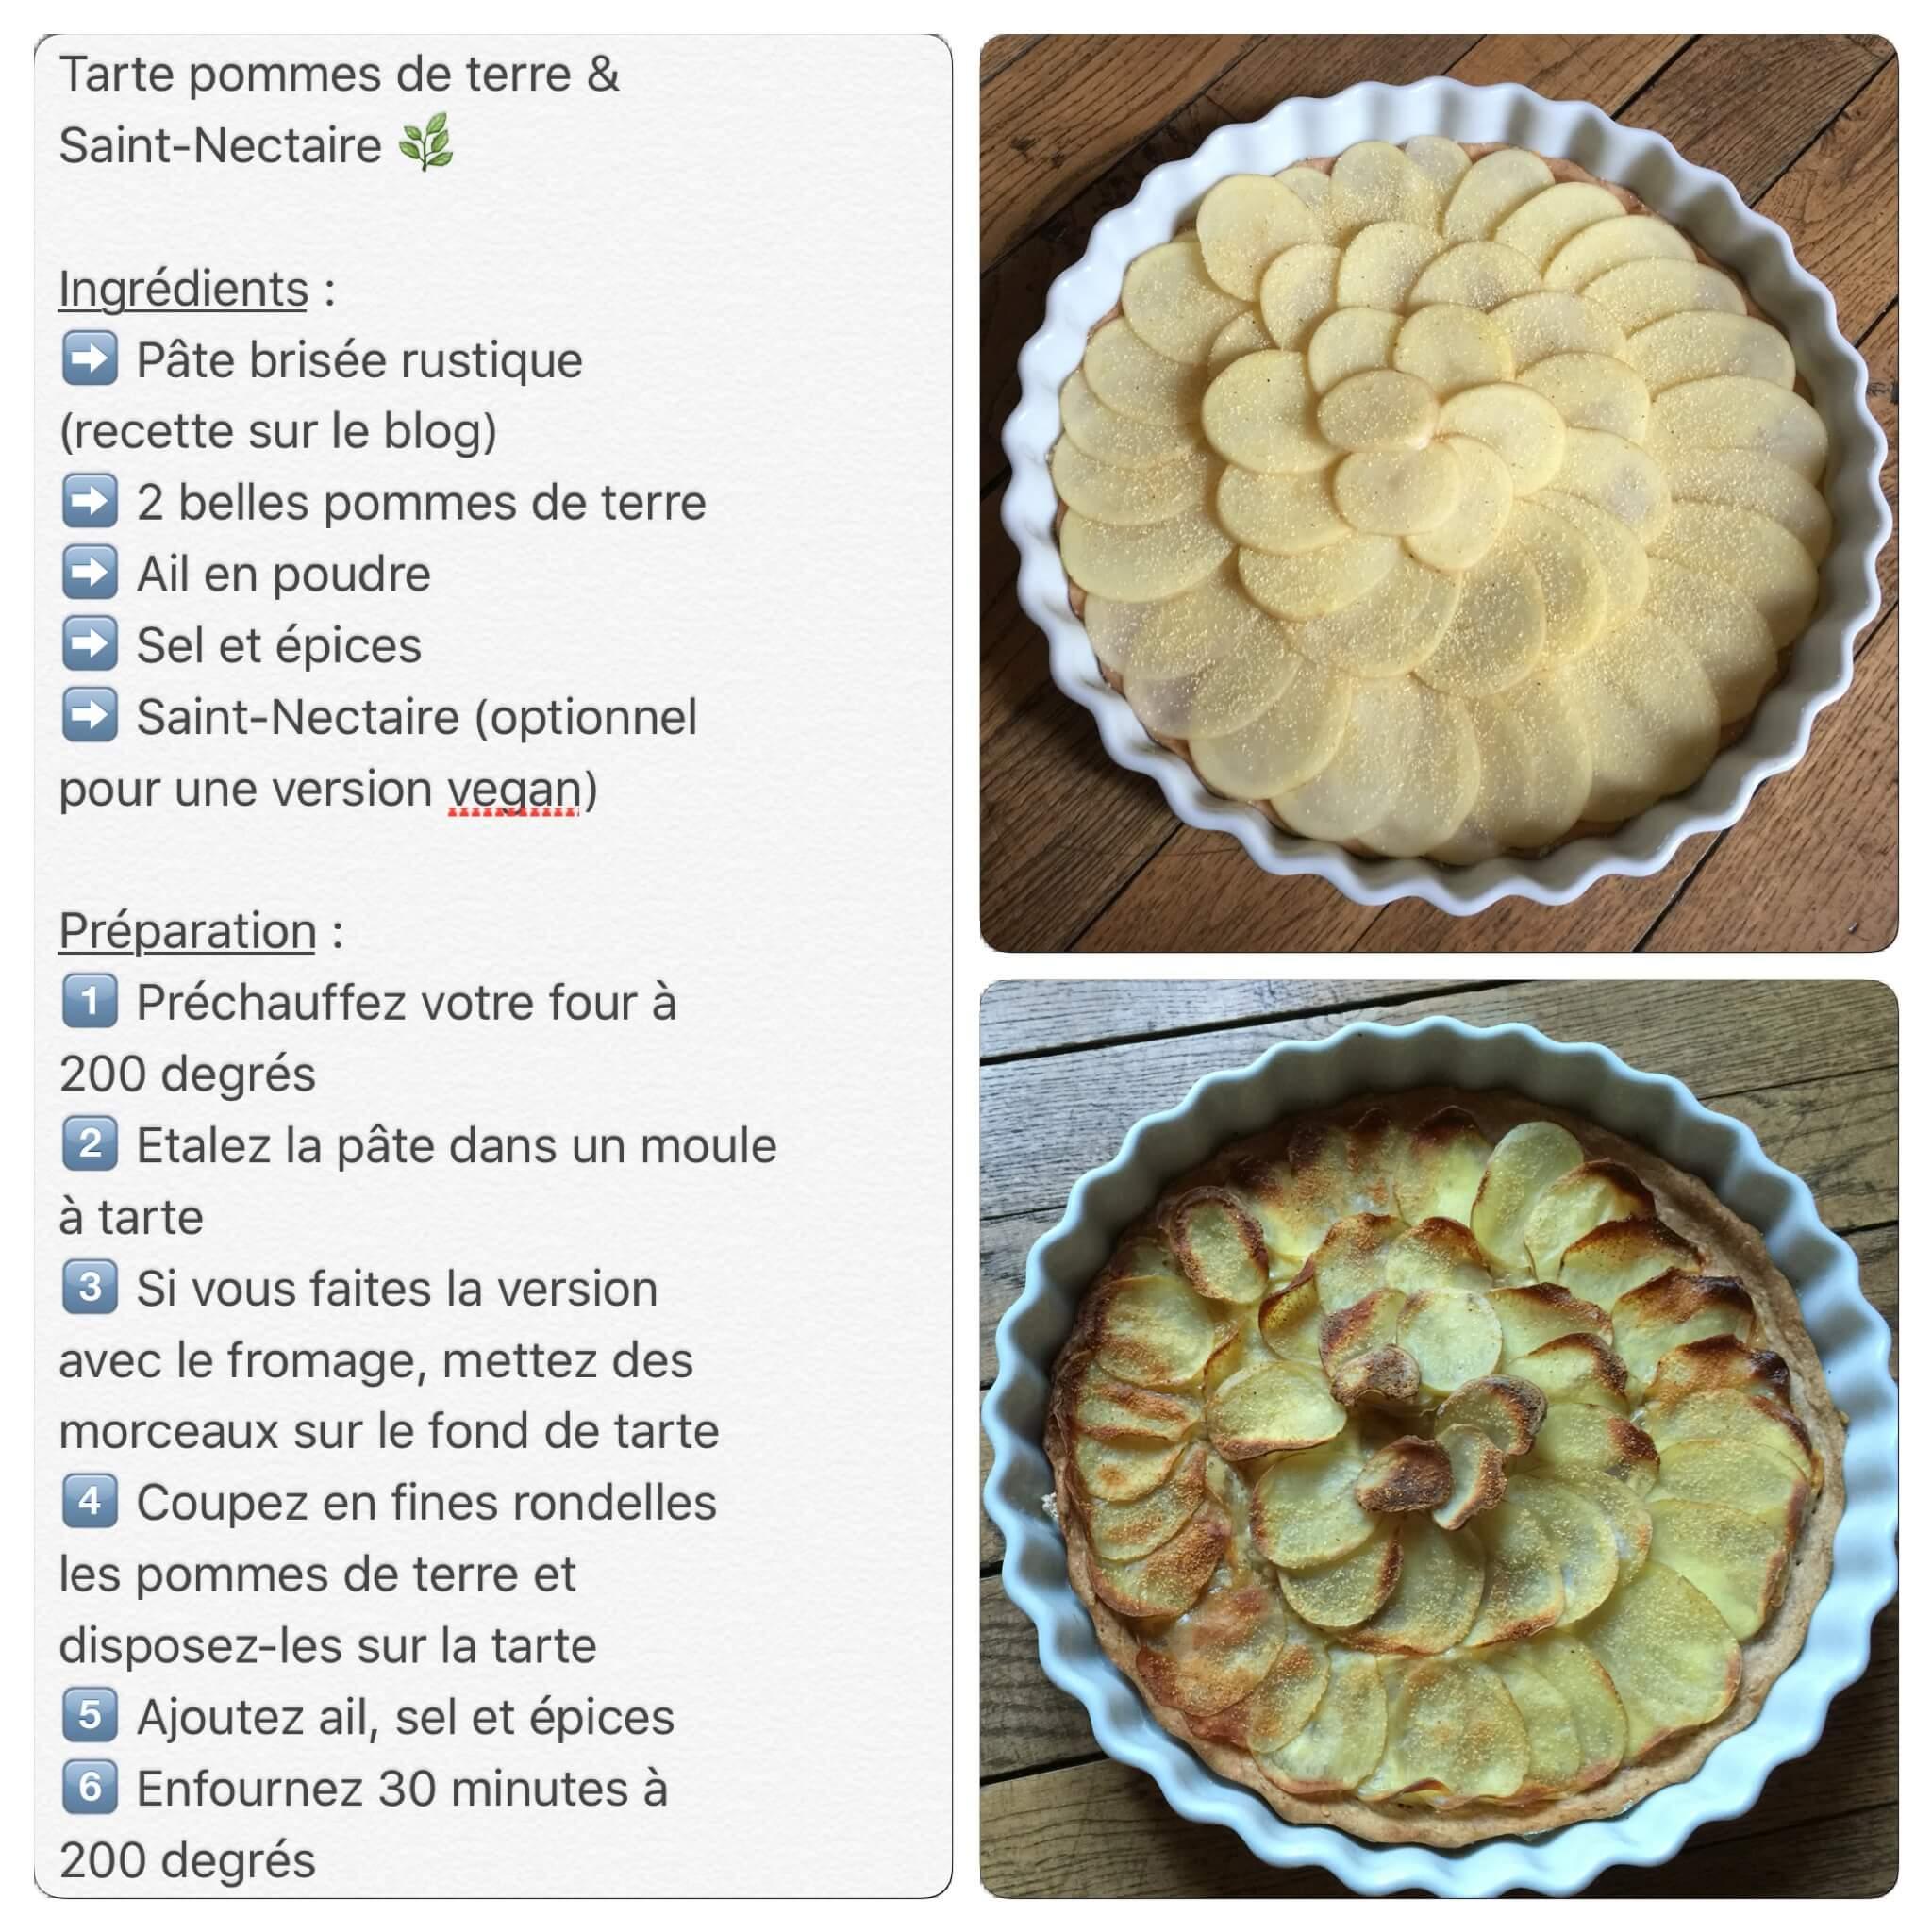 Recette de tarte rustique aux pommes de terre et Saint-Nectaire